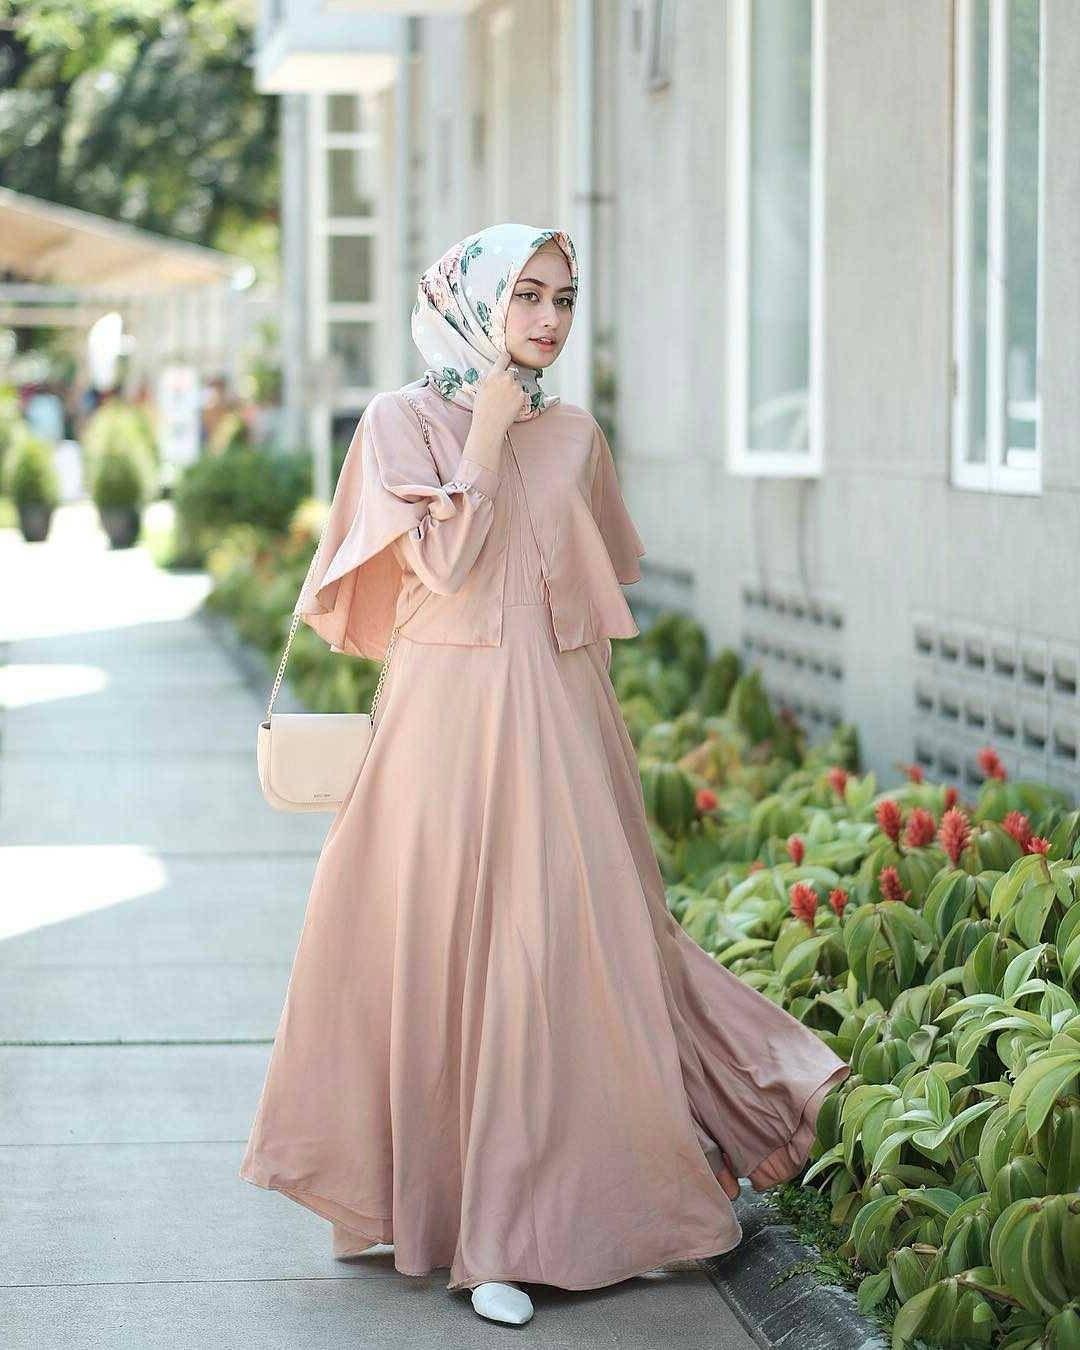 Bentuk Trend Baju Lebaran Anak 2018 9fdy 21 Model Gamis Lebaran 2018 Desain Elegan Casual Dan Modern